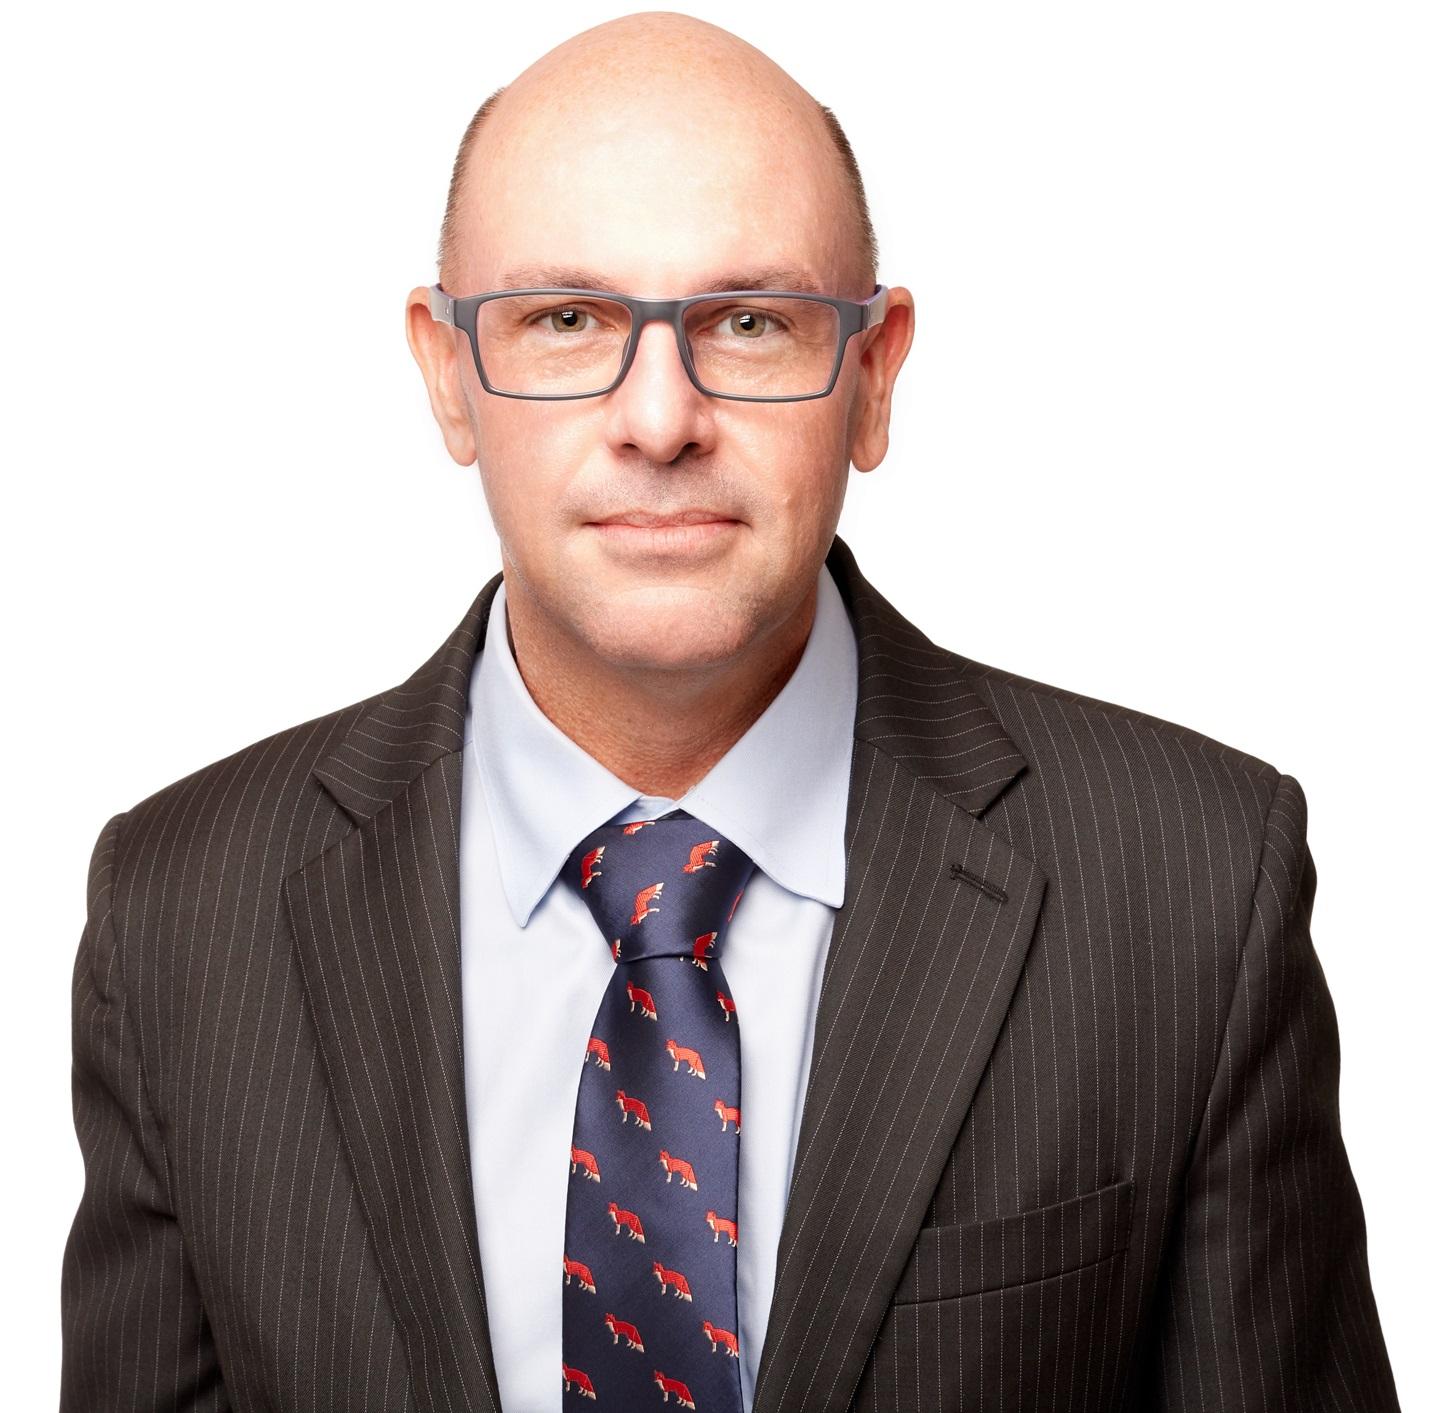 Adam Leishman